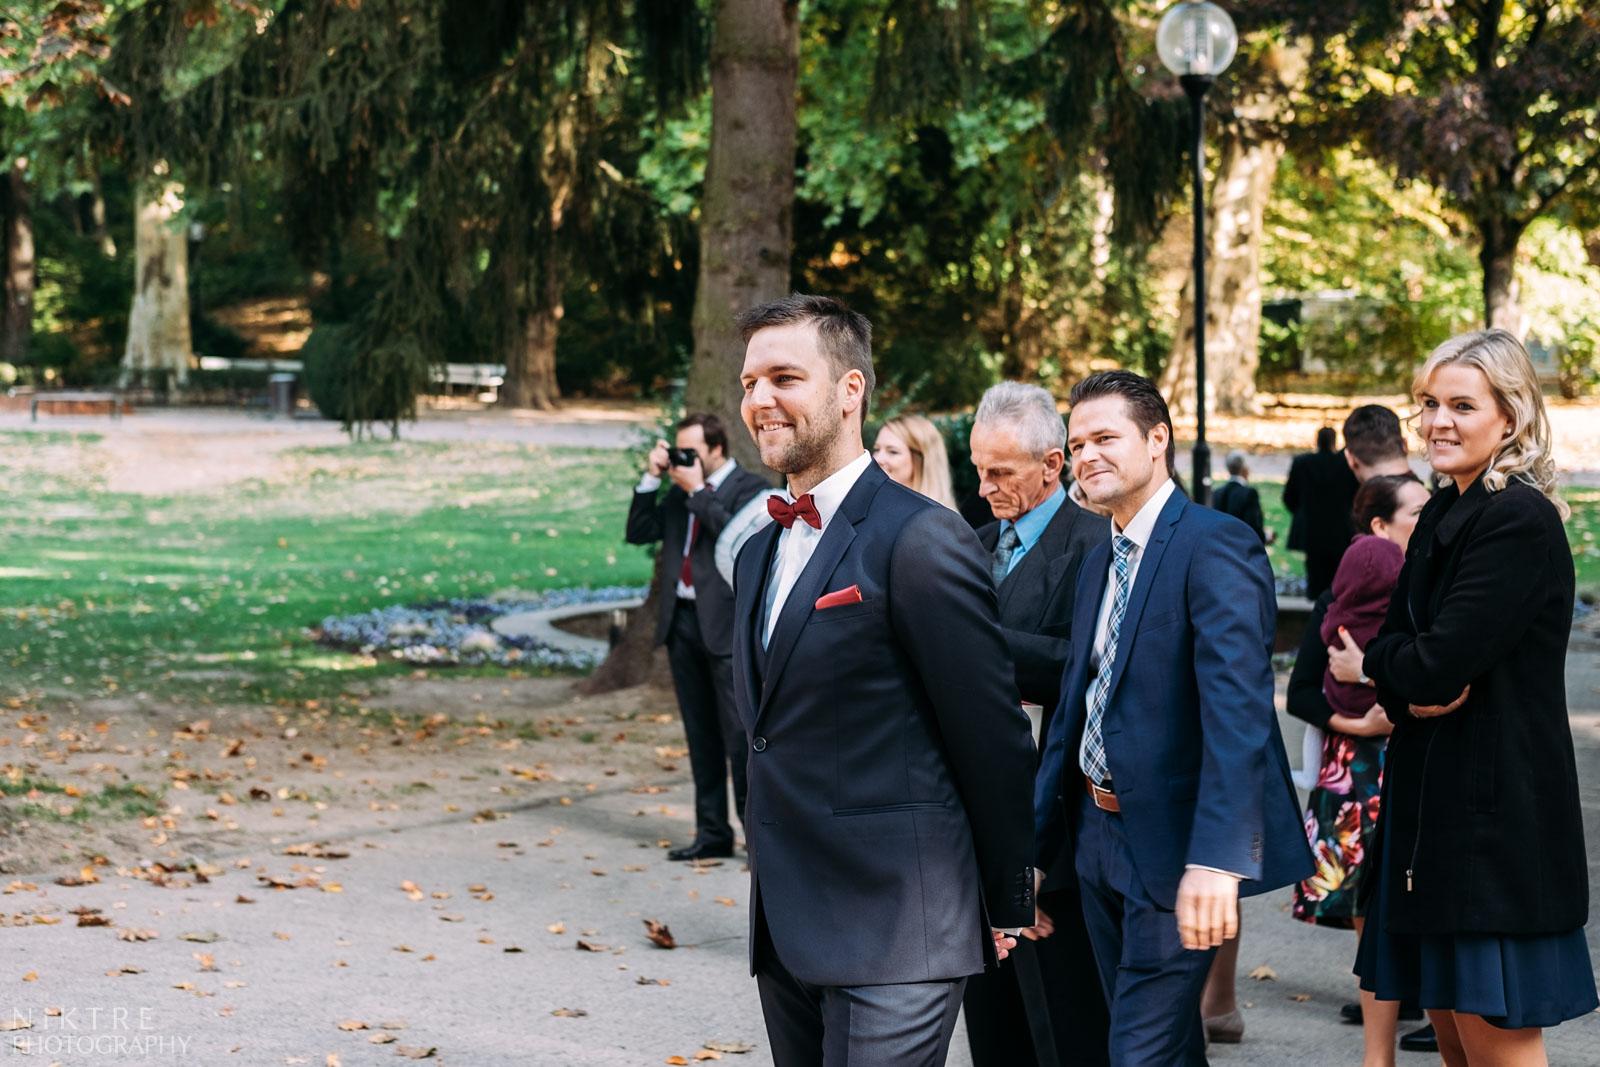 Alle Blicke richten sich an die Braut